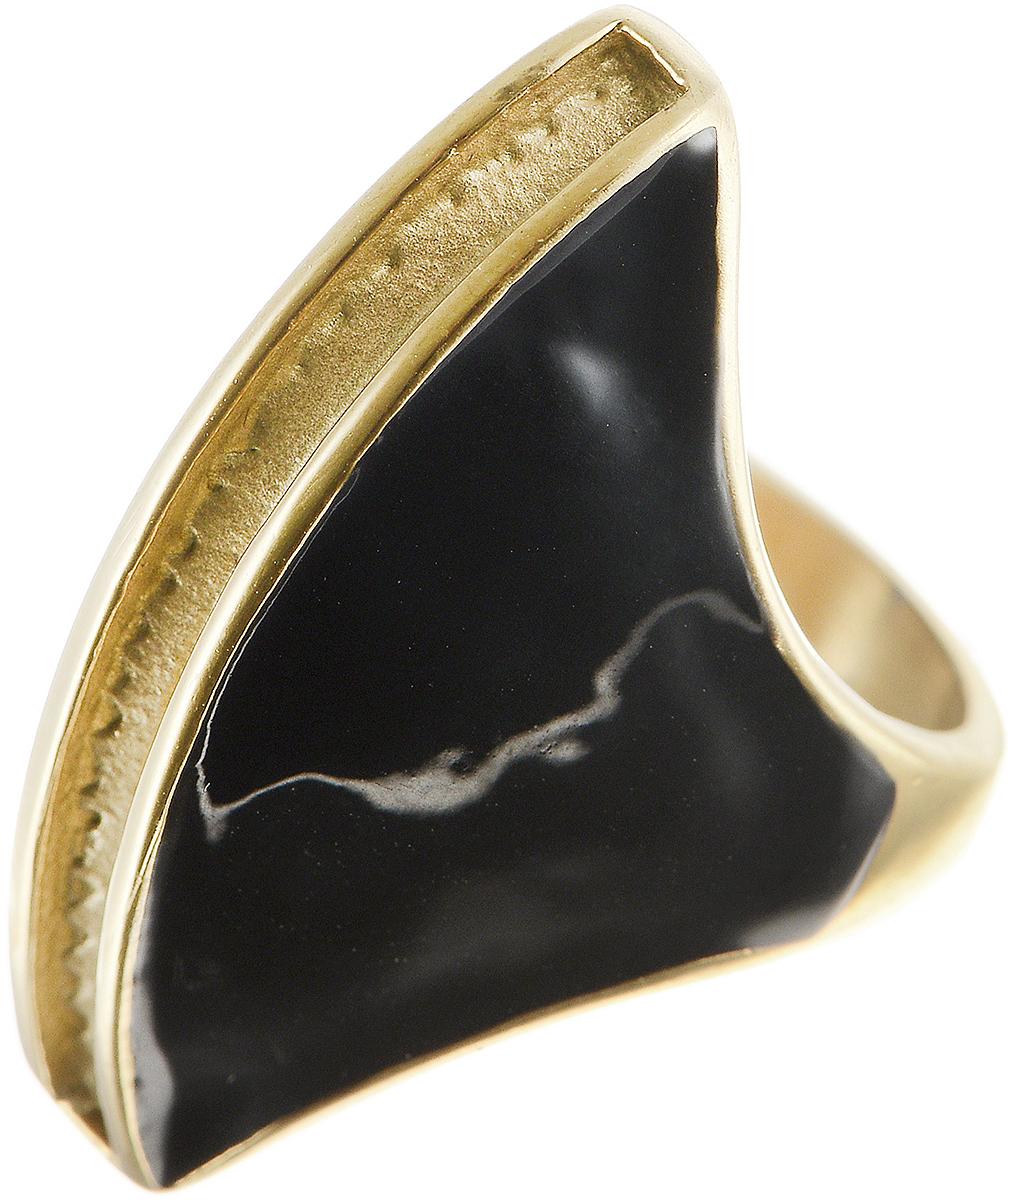 Кольцо Polina Selezneva, цвет: золотистый, черный. DG-0025. Размер 20DG-0025-10Стильное кольцо Polina Selezneva изготовлено из латуни и выполнено в оригинальном дизайне. Декоративная часть оформлена вставкой из эмали.